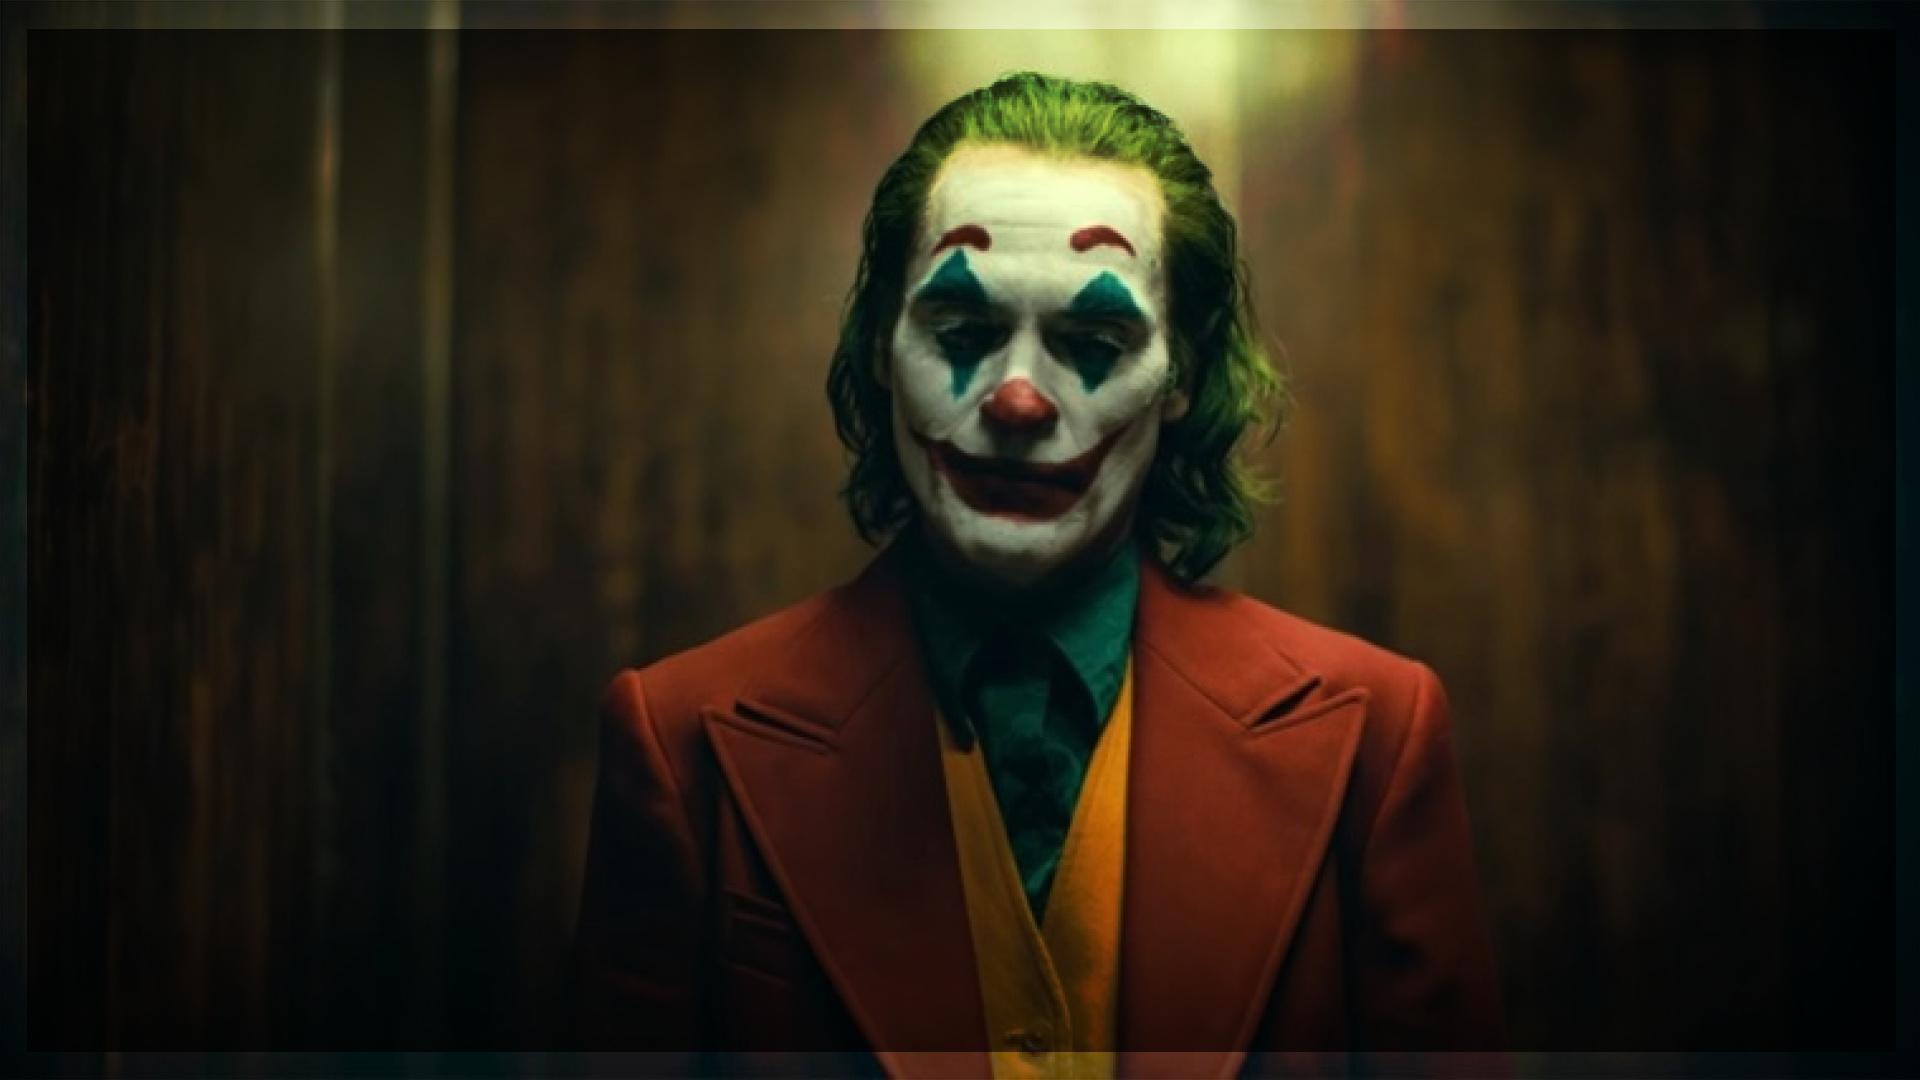 Joker Ha Apuntado A Dispositivos Android Hablemos De